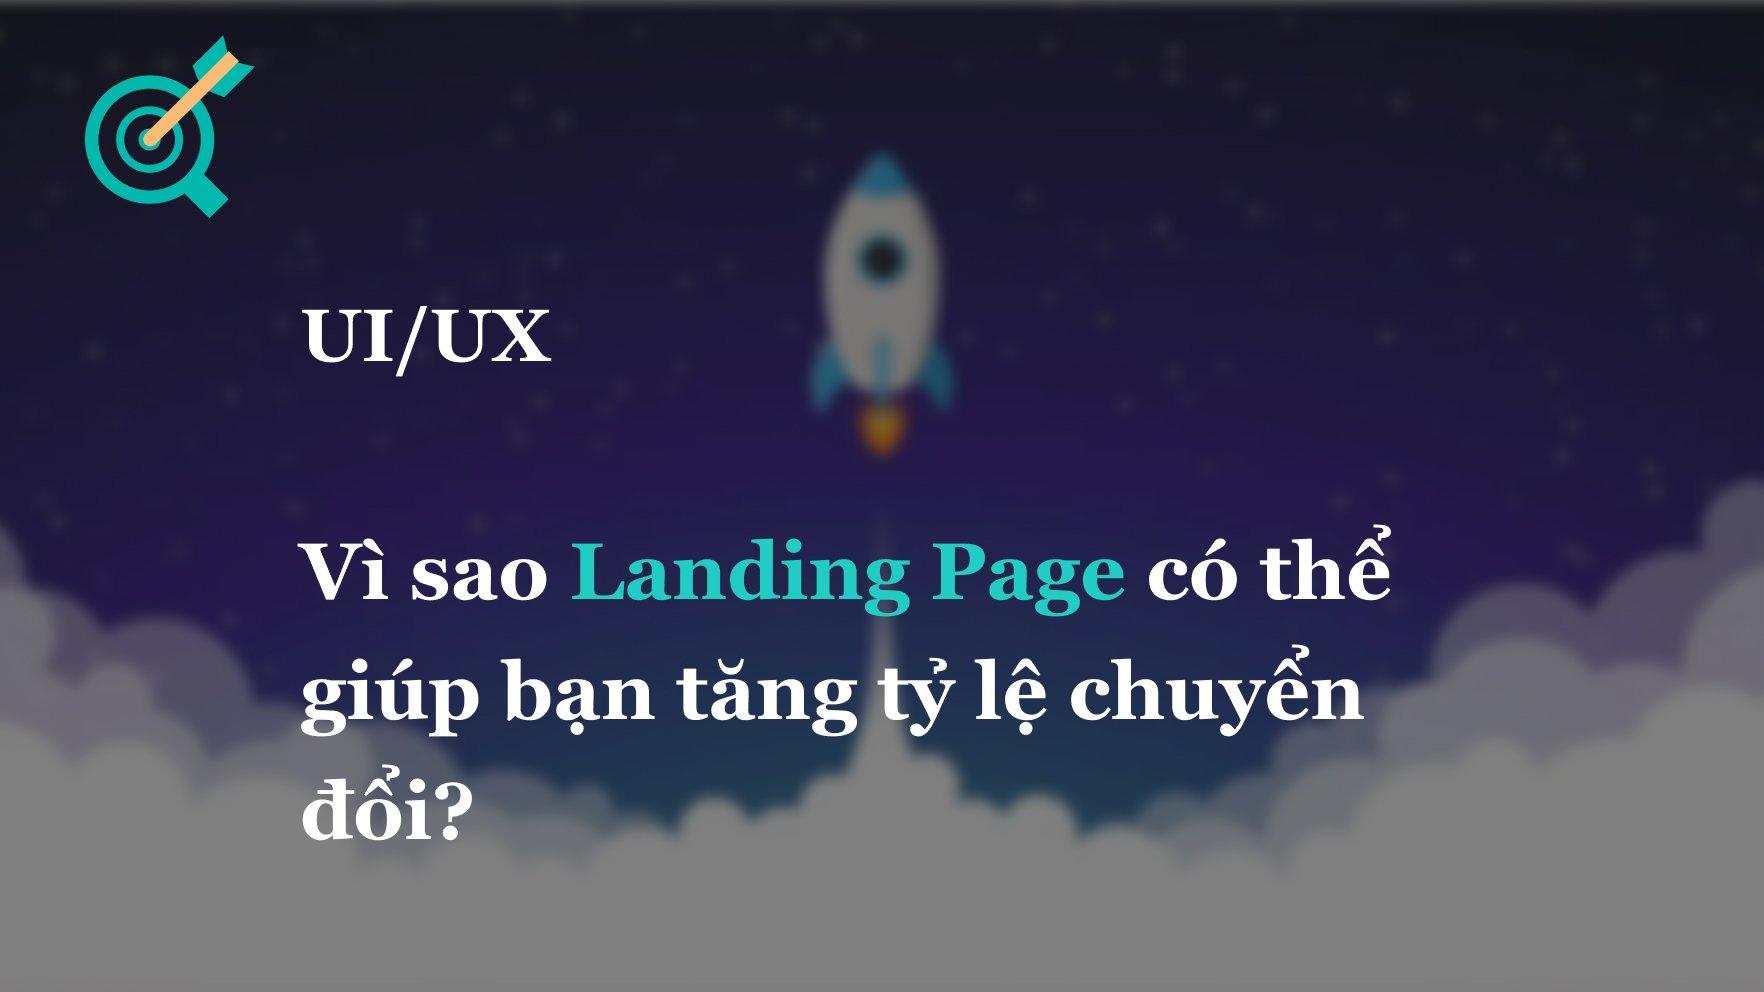 Vì sao Landing Page có thể giúp bạn tăng tỷ lệ chuyển đổi?